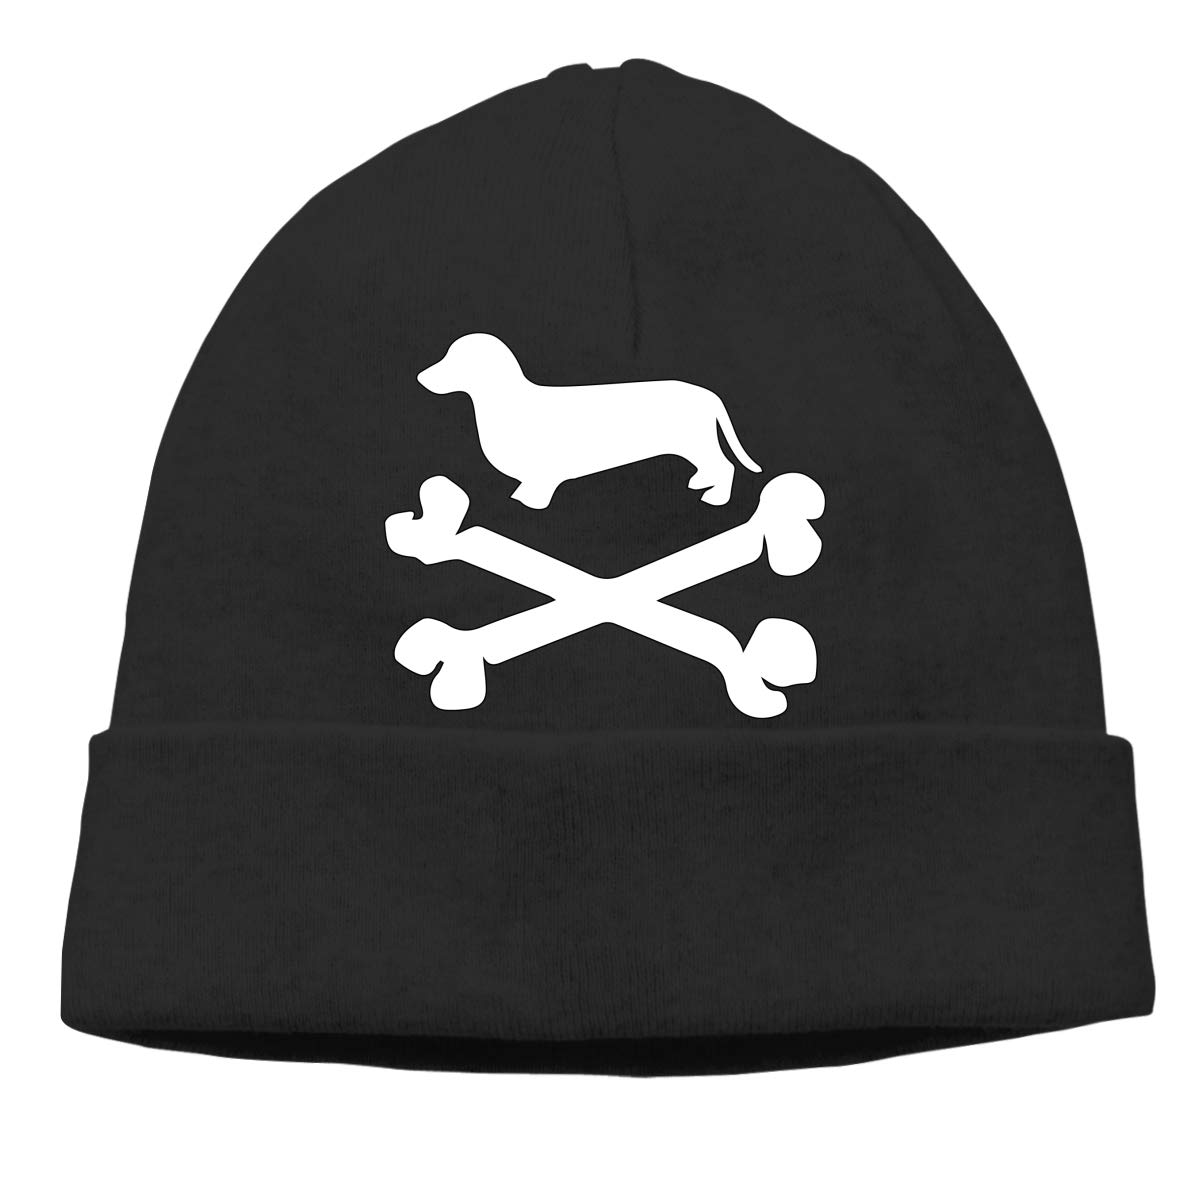 GDSG5/&4 Daschund Puppy Unisex Baggy Surf Beanie Hats